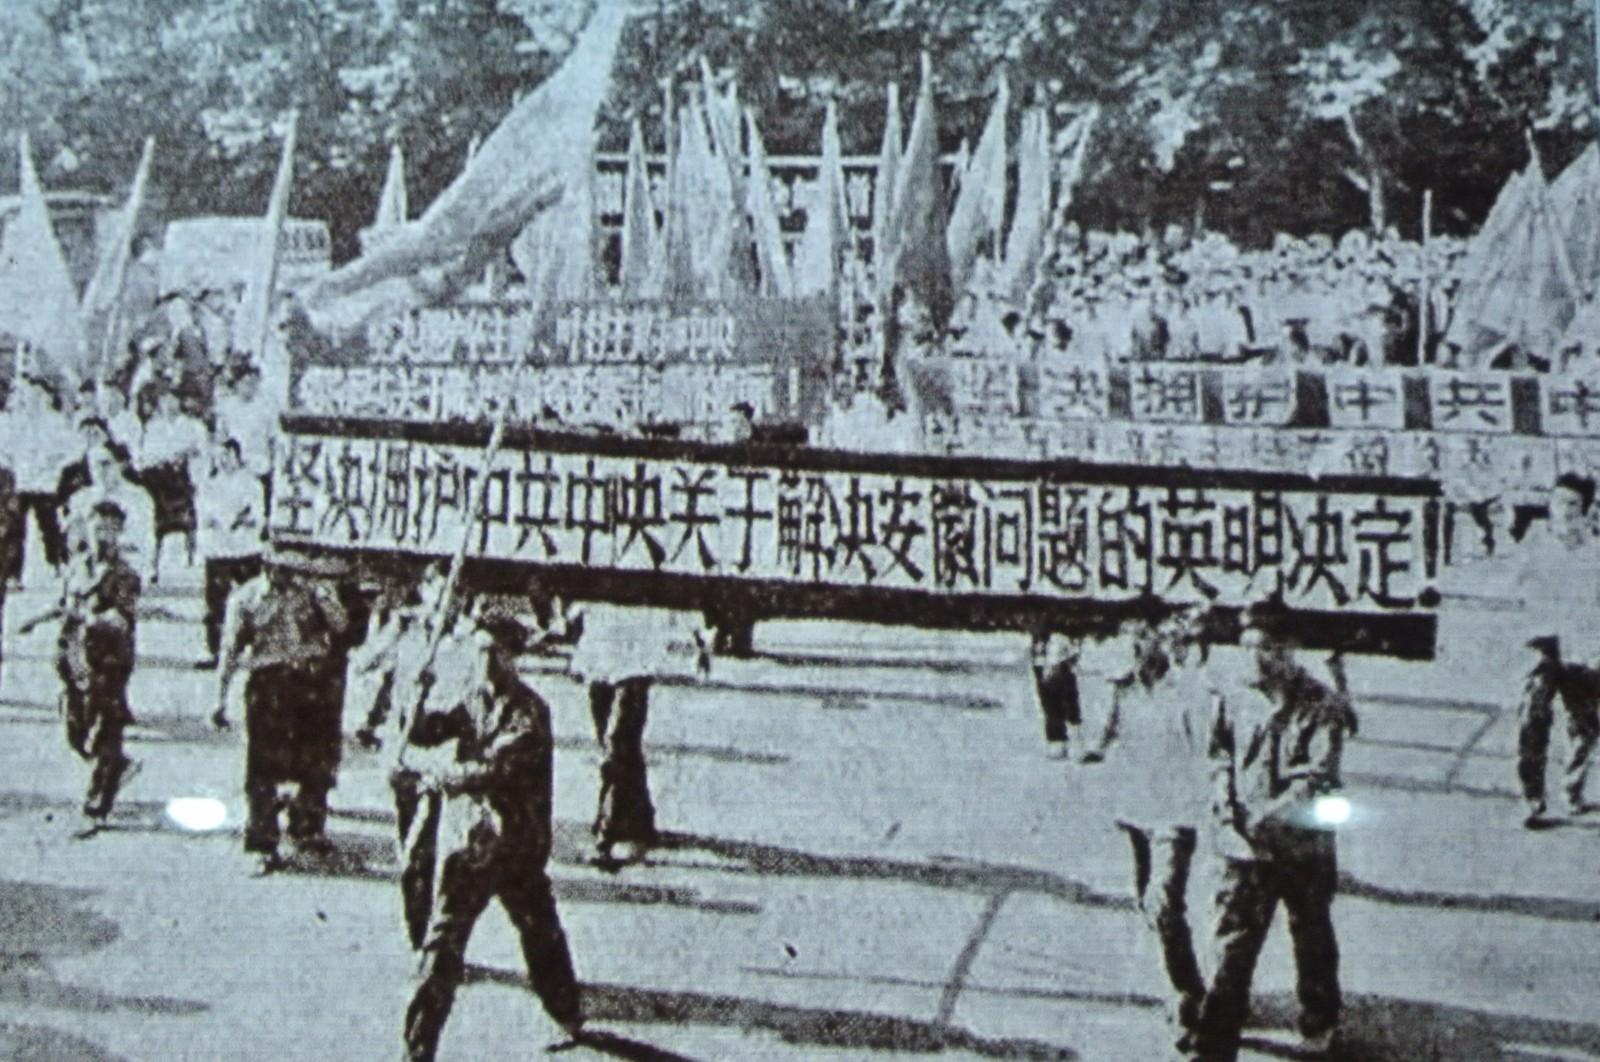 1977年6月下旬万里到达安徽之后,安徽各界群众举行庆祝游行.jpg